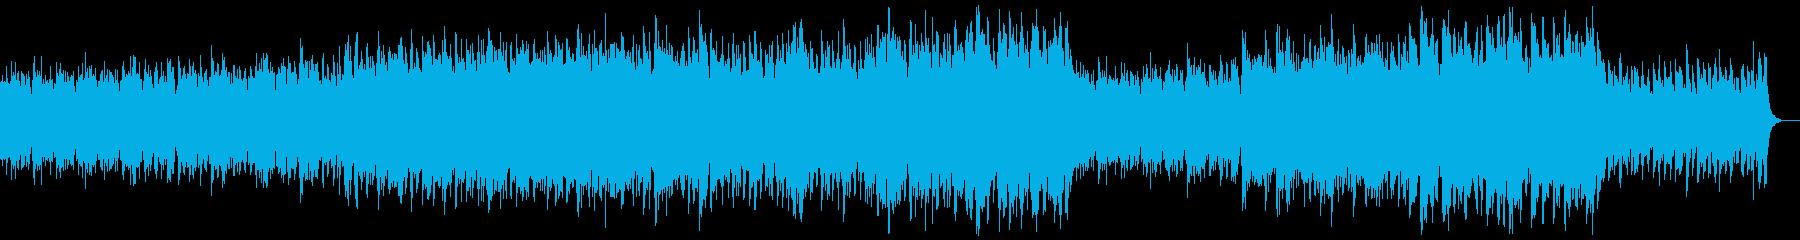 ケルト風ポップオーケストラの再生済みの波形